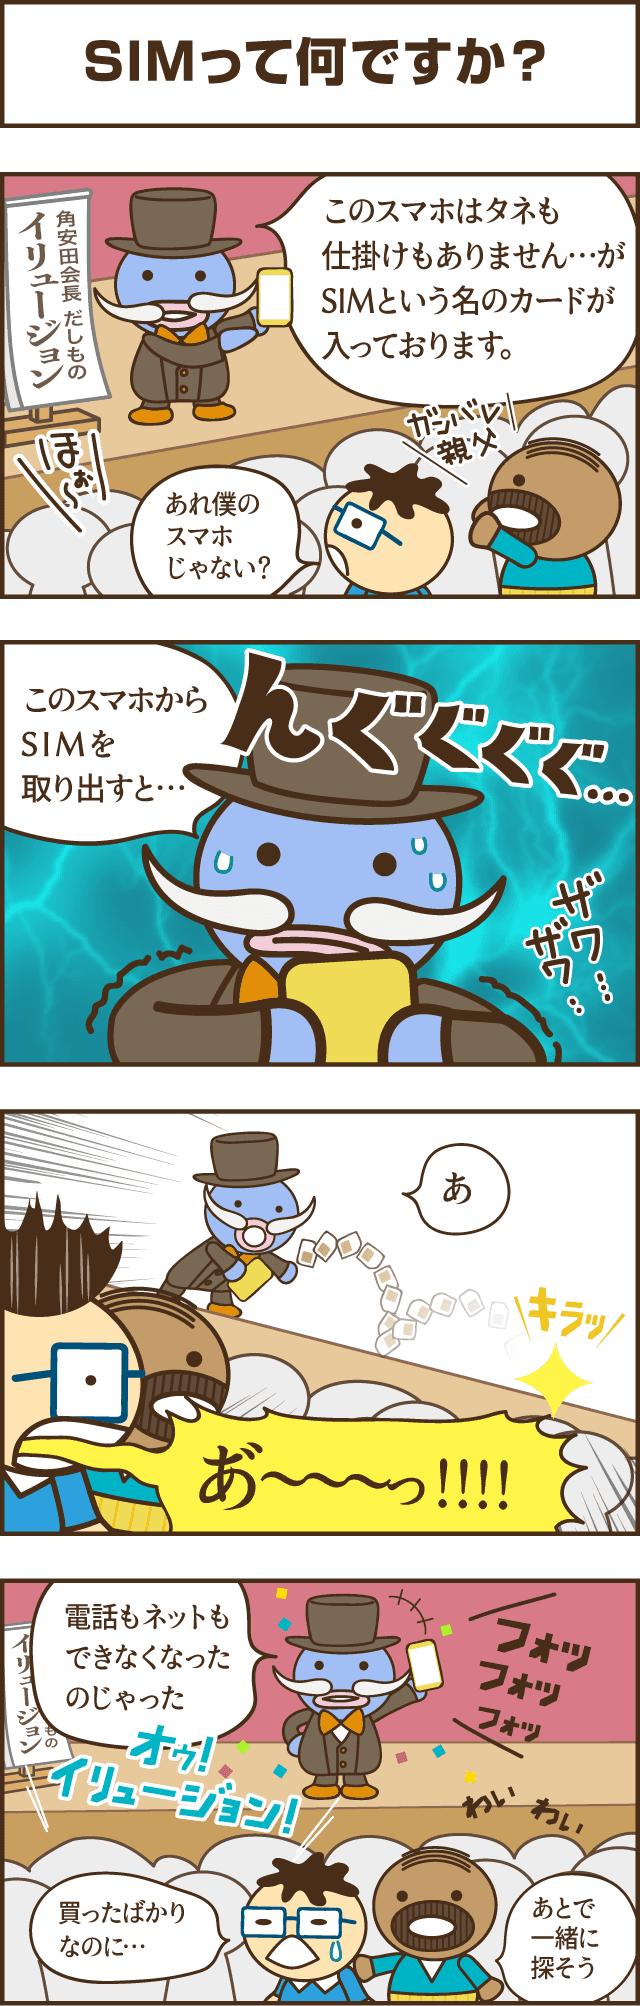 「SIMって何ですか?」マンガでわかる格安SIM・格安スマホ